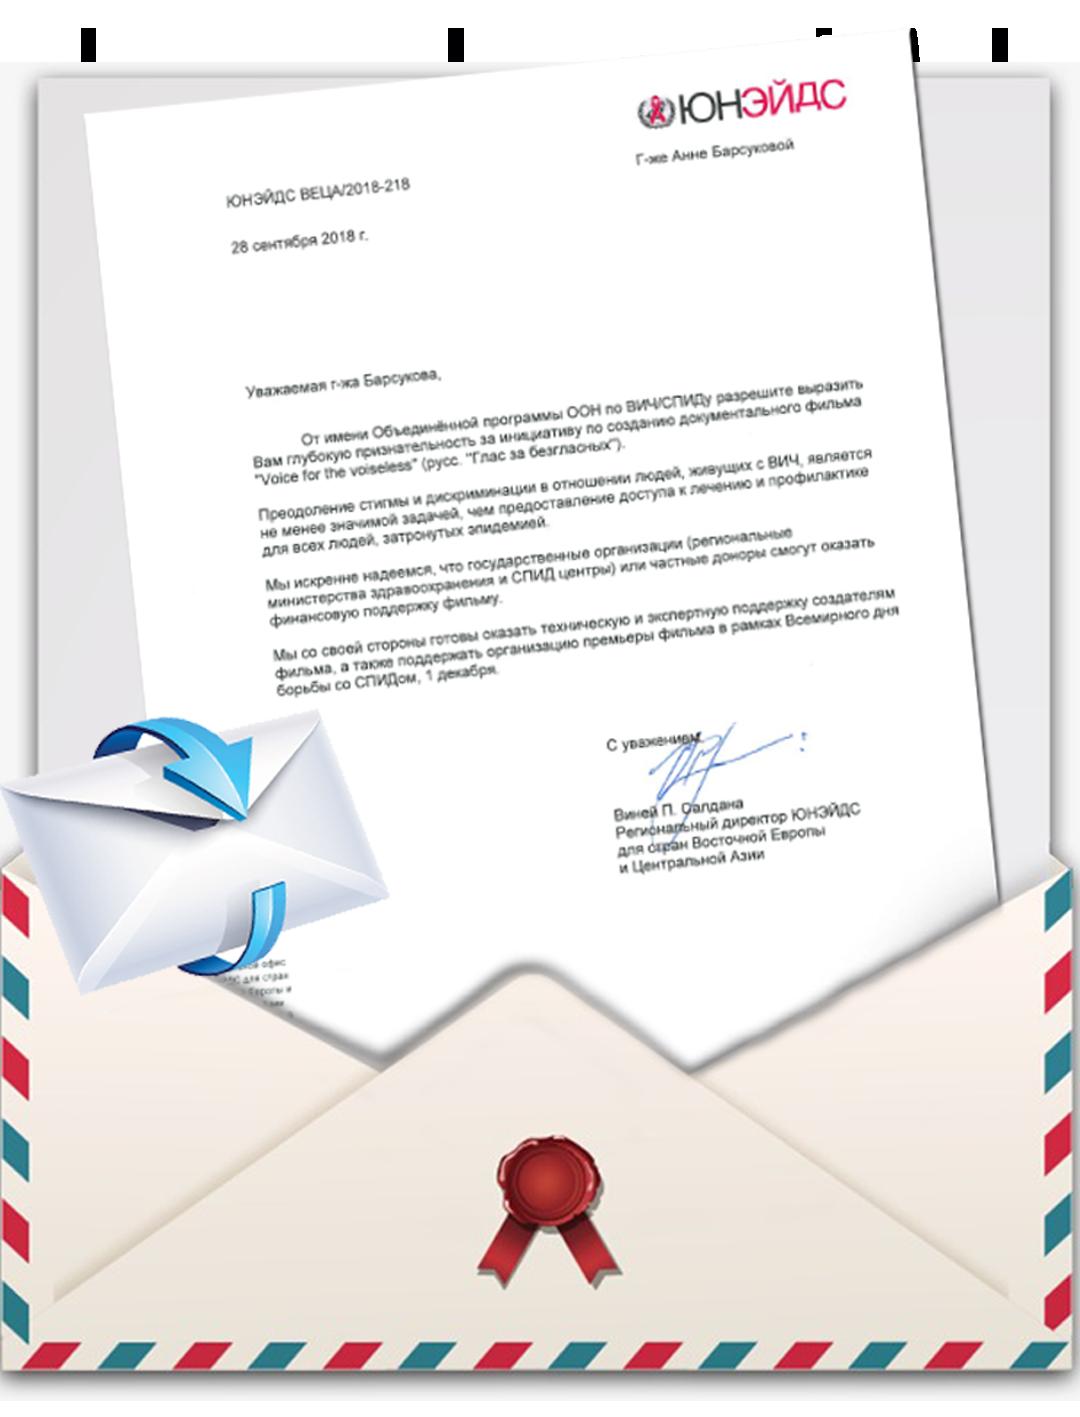 Получили письмо от ЮНЕЙДС